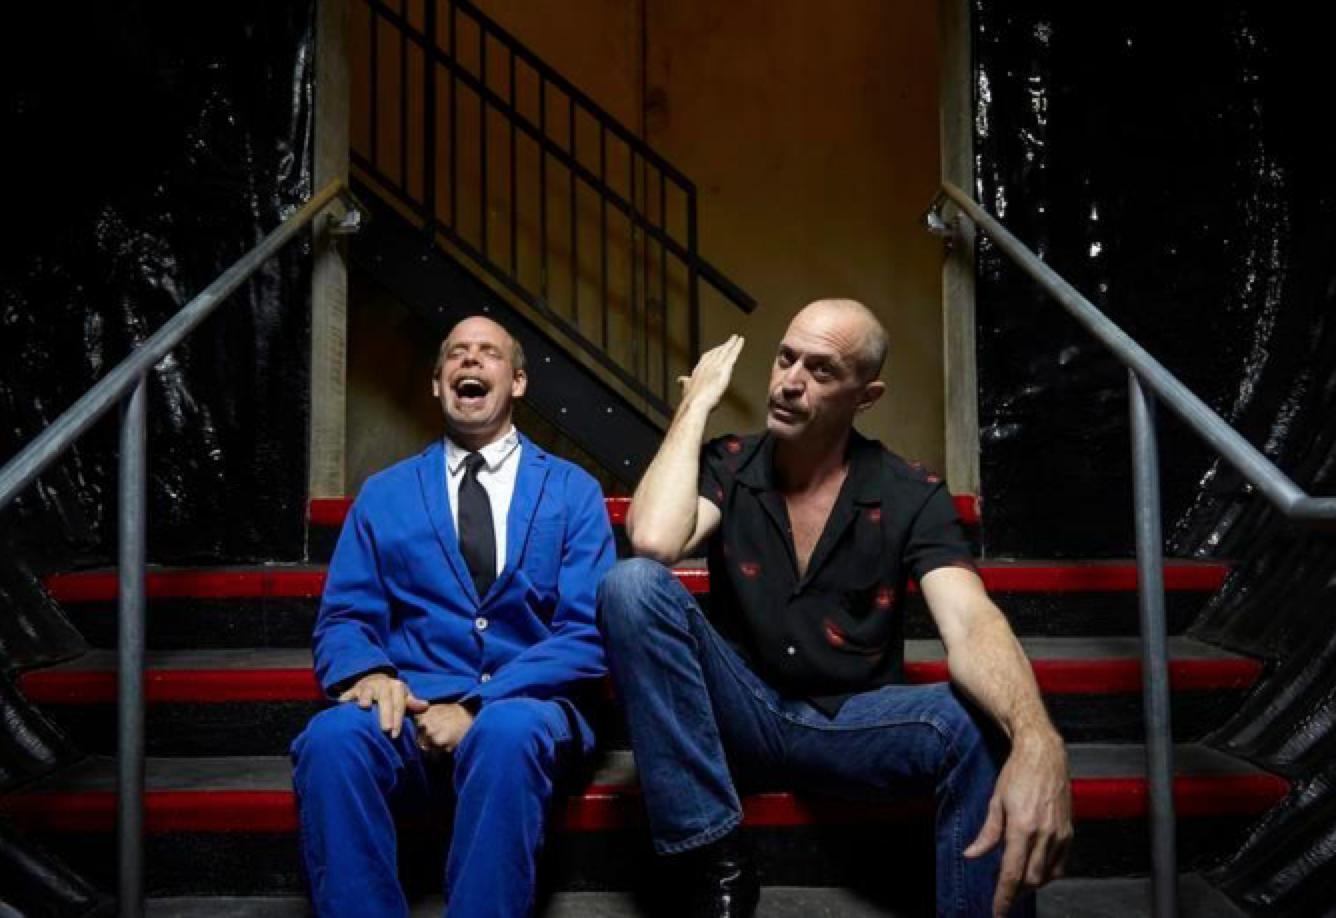 'Superwolves' van Bonnie 'Prince' Billy en Matt Sweeney doet soms zelfs grinniken